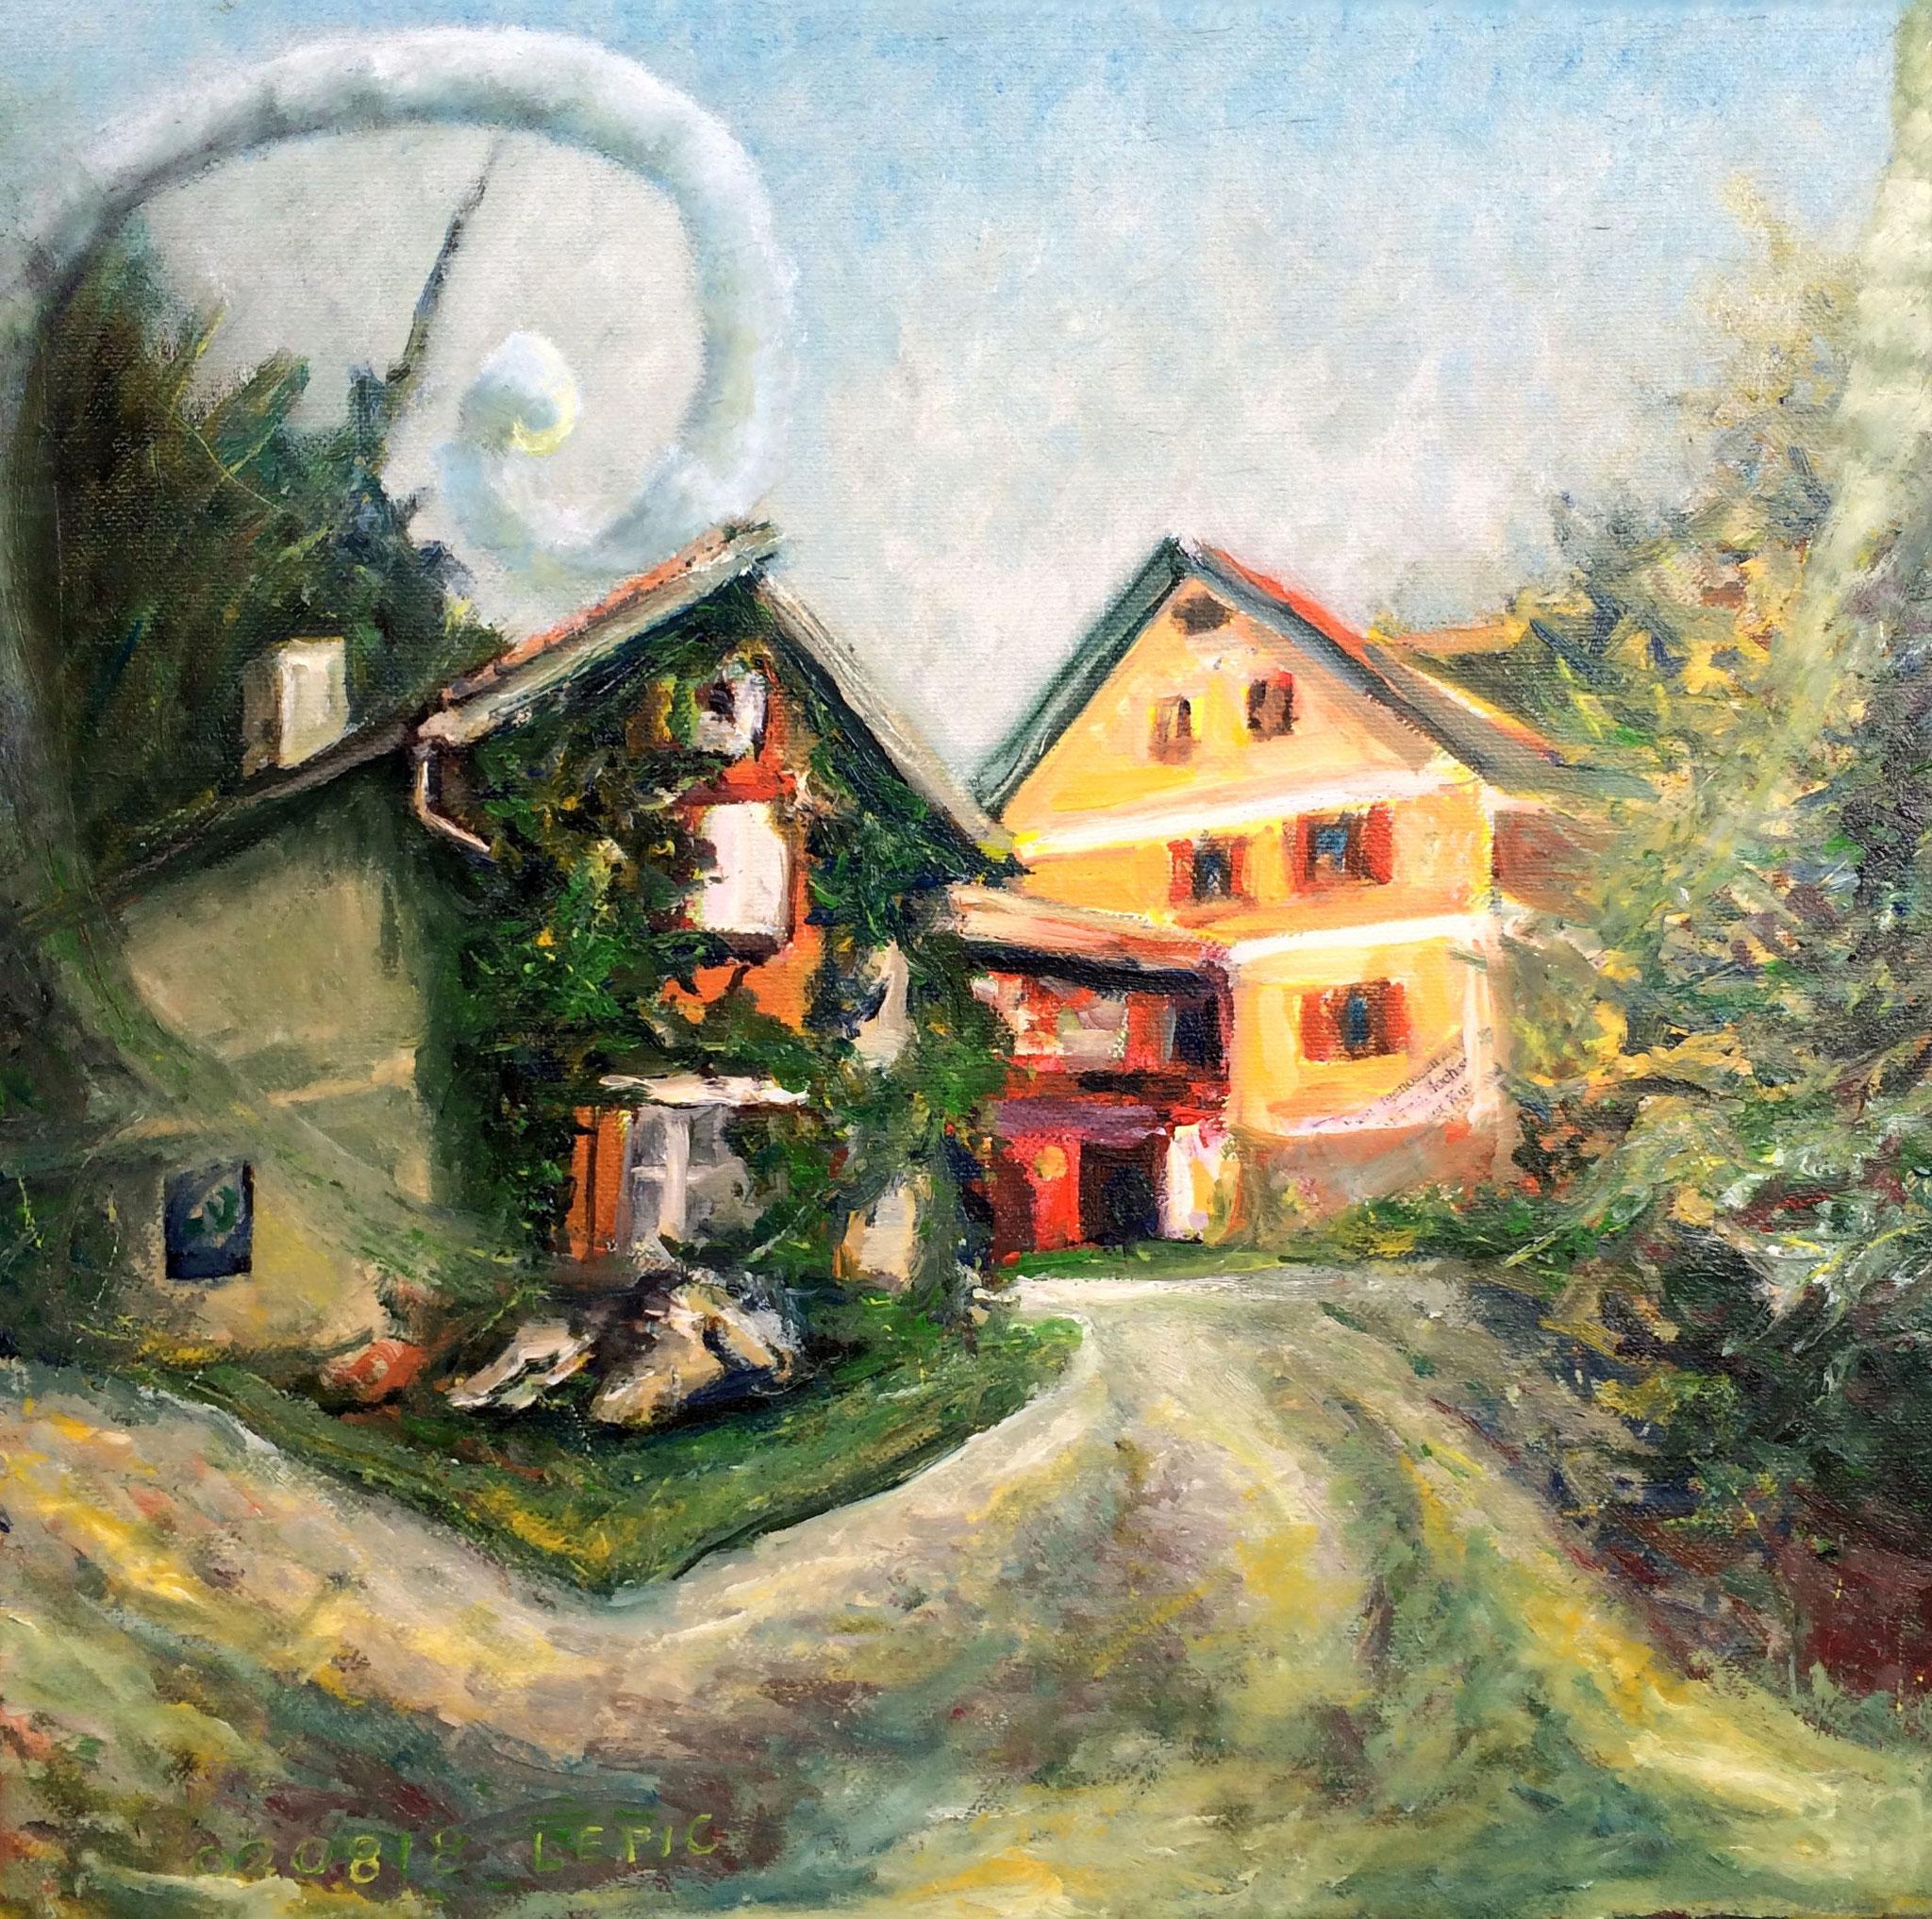 CHRISTOPH PROBSTS GEBURTSHAUS IN MURNAU    Mischtechnik auf Leinwand - 30 x 30 cm